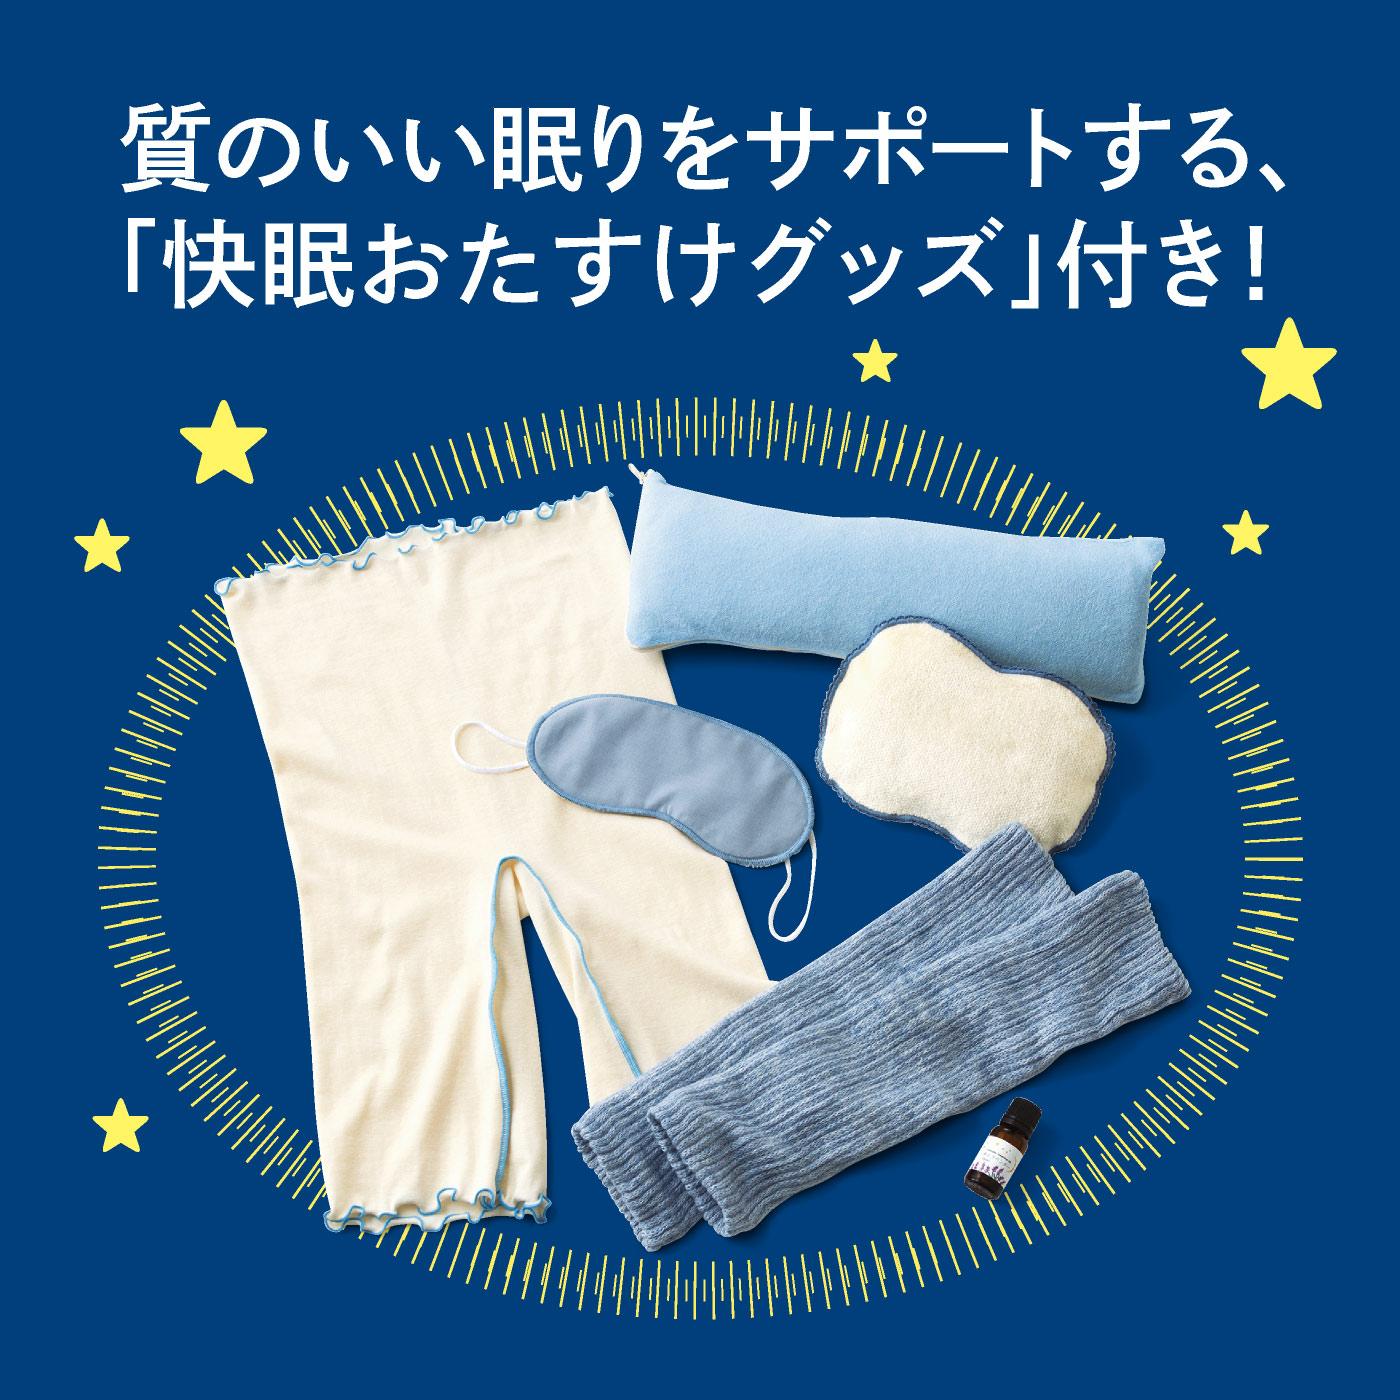 質のいい眠りをサポートする、「快眠おたすけグッズ」付き!